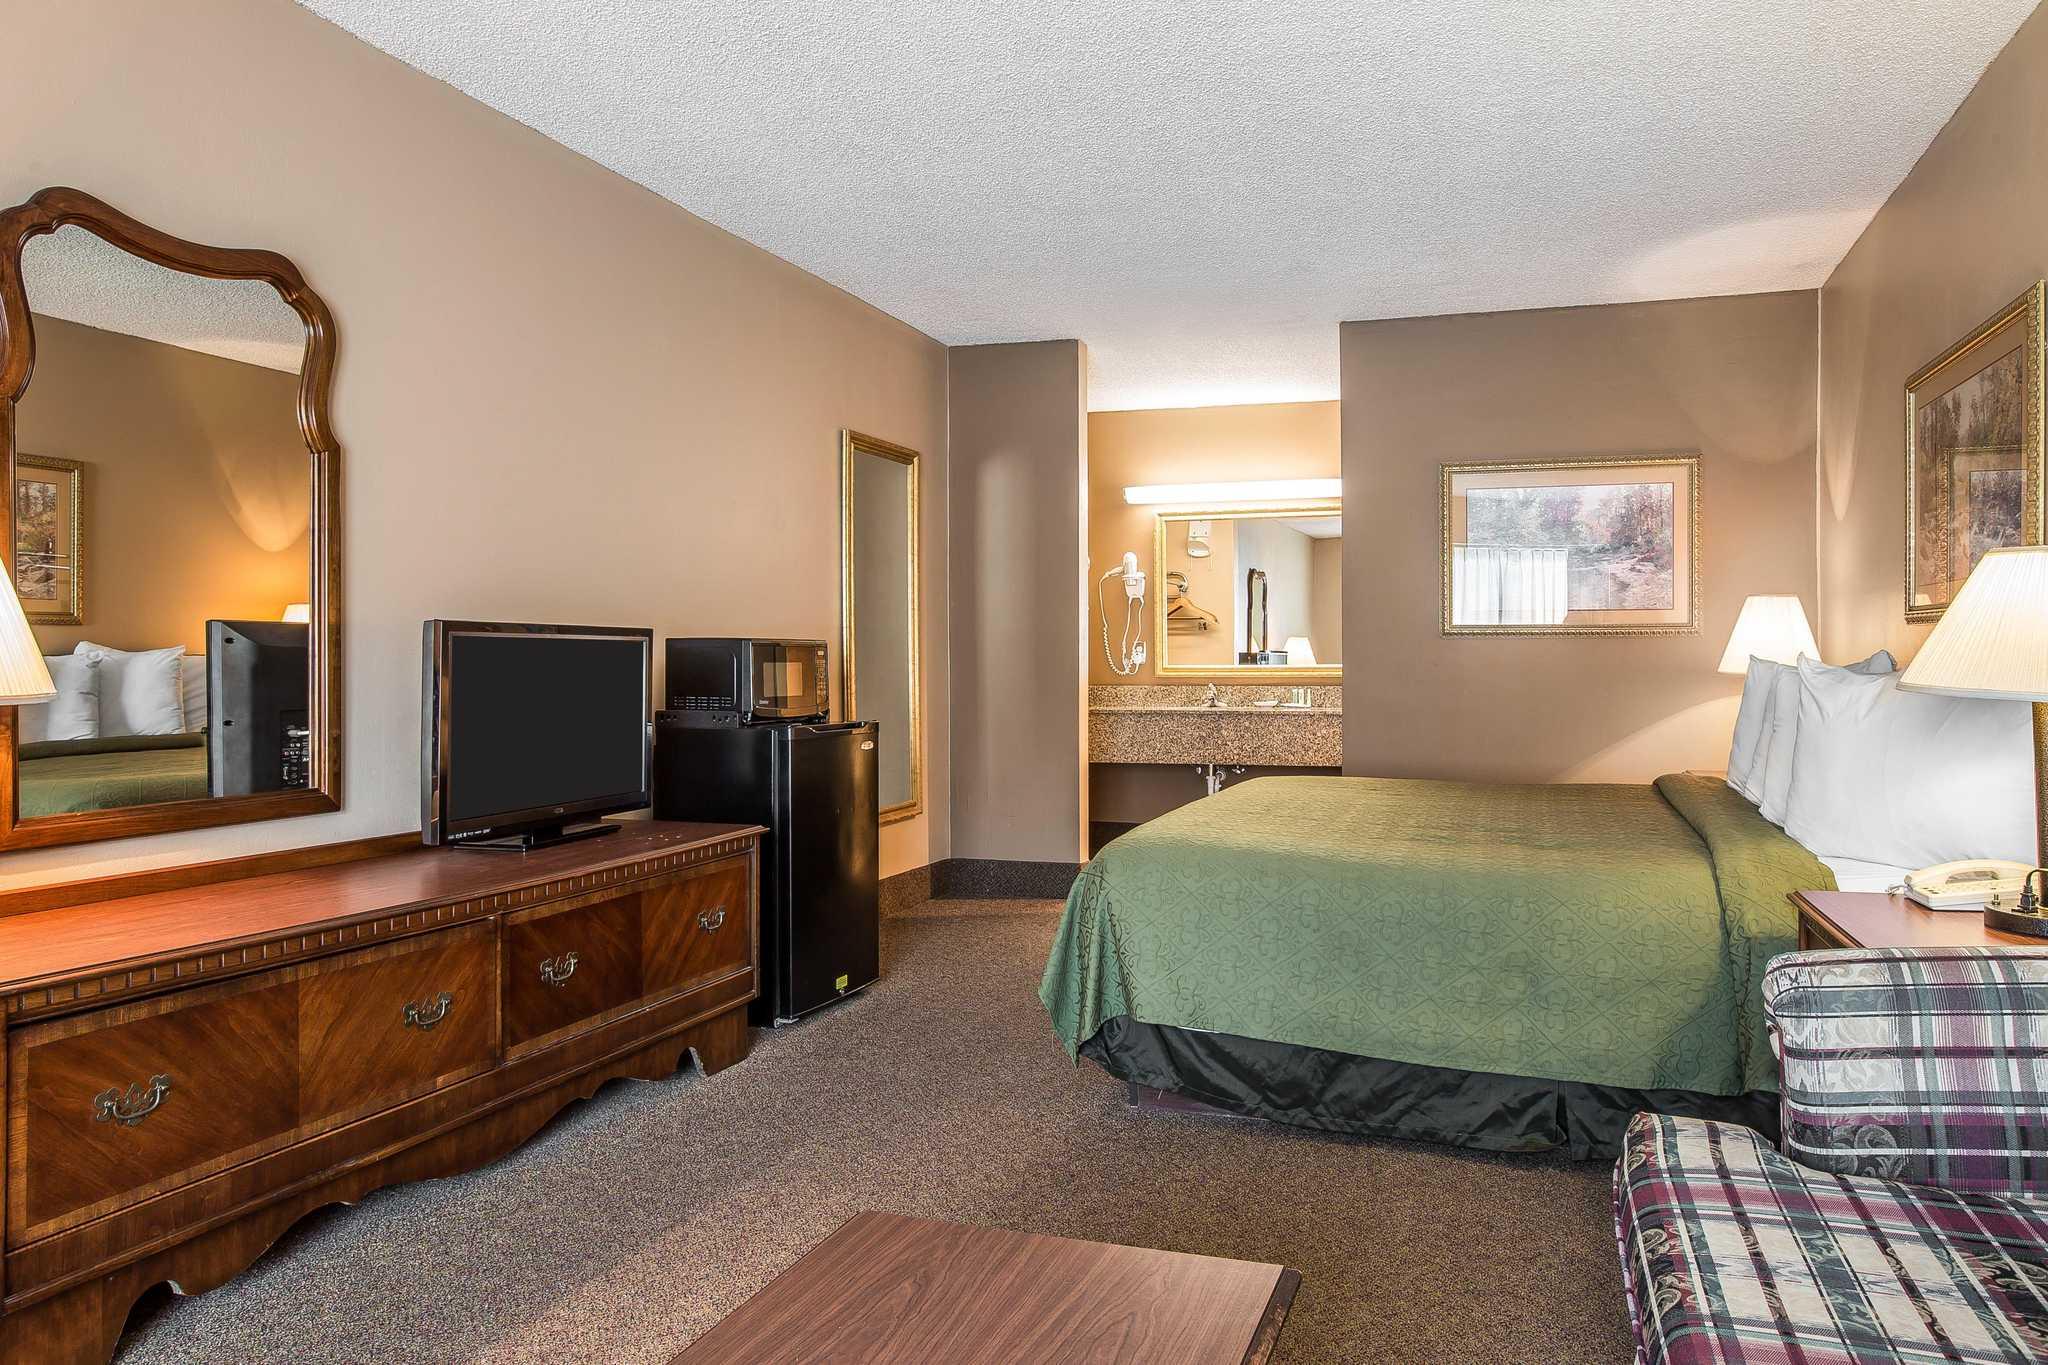 Quality Inn & Suites Mt. Chalet image 6